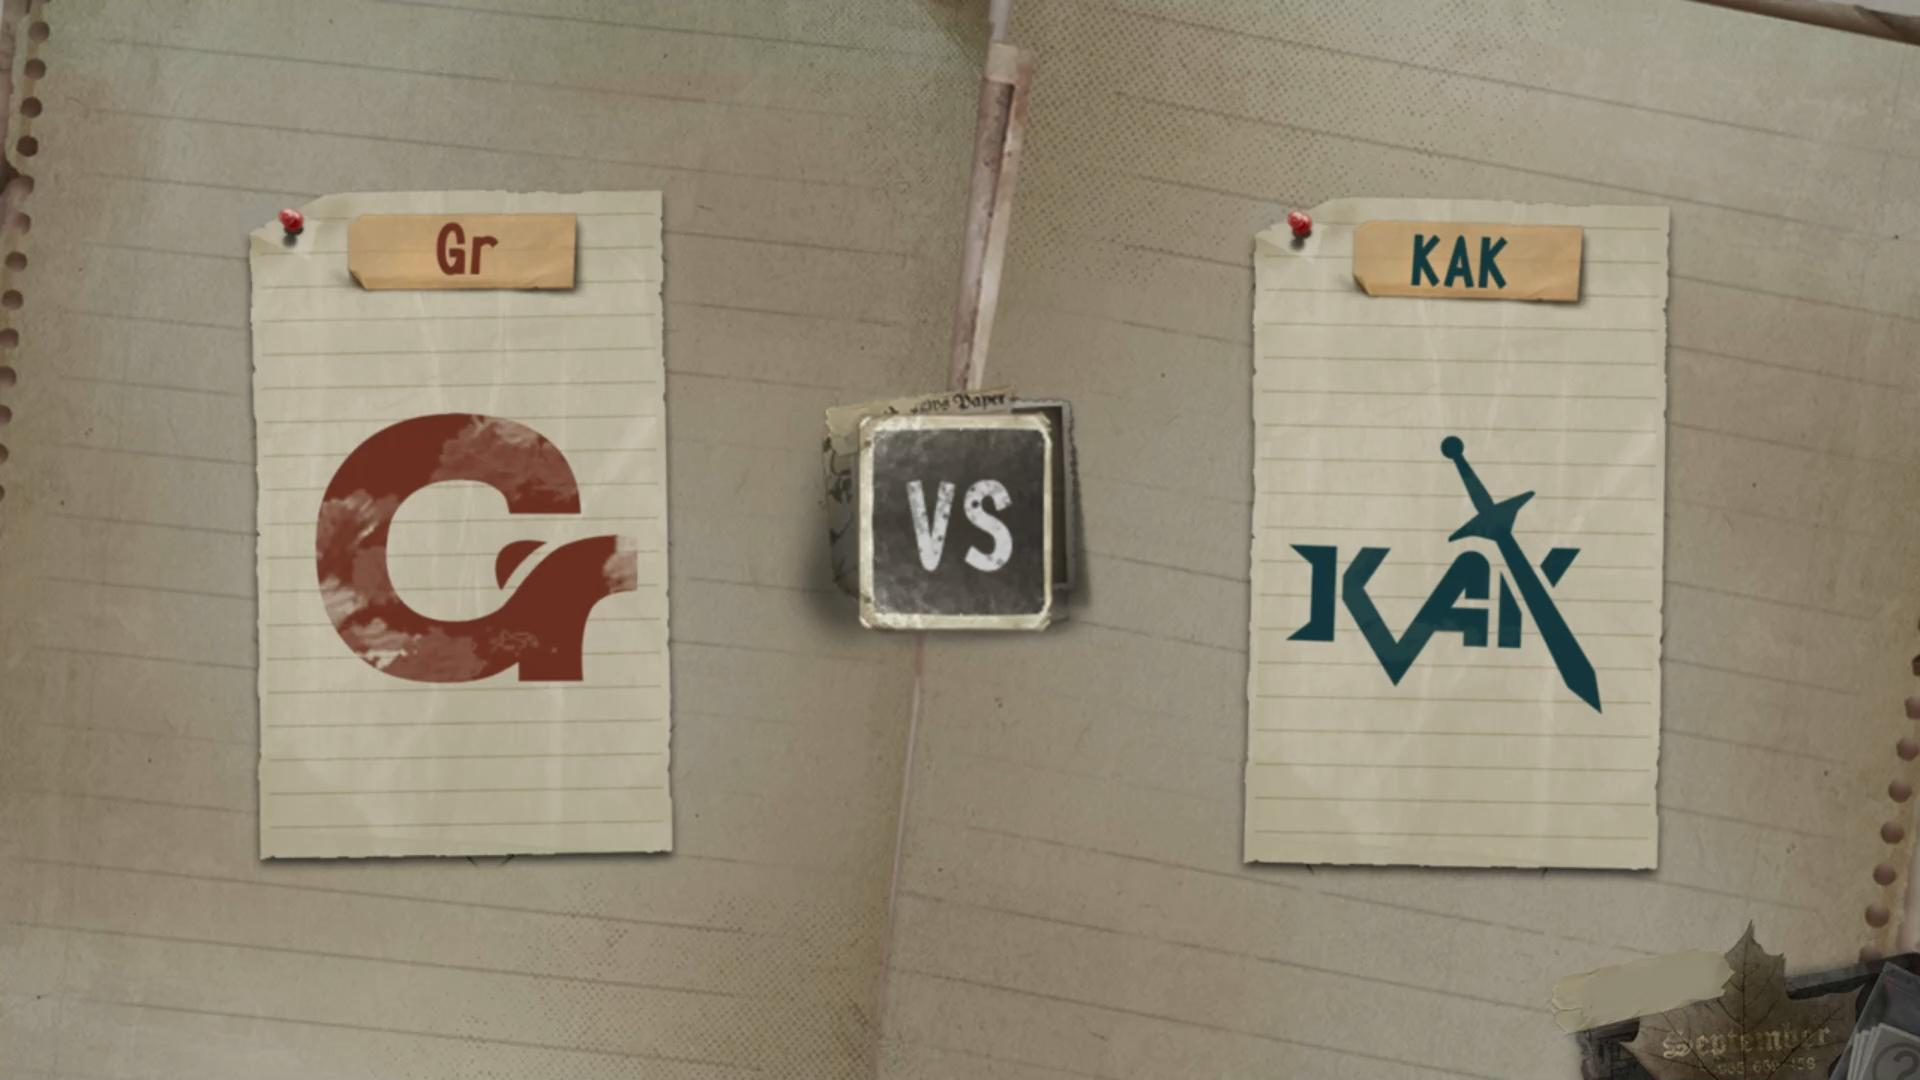 7月20日 小组赛 KAK VS Gr